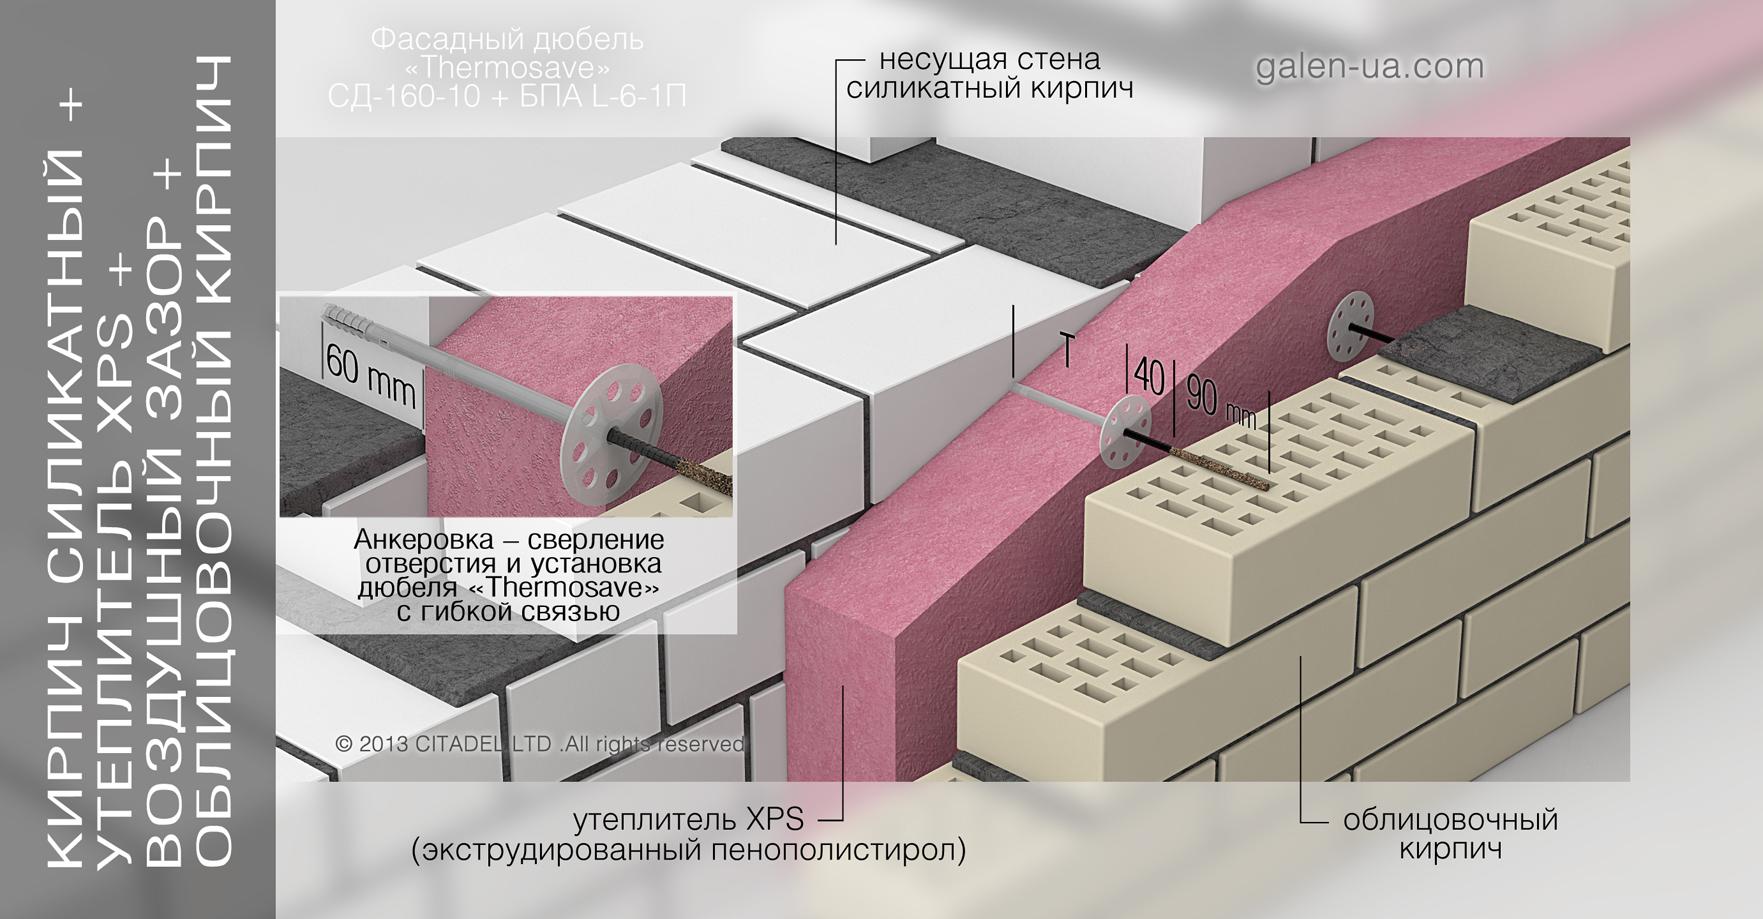 Фасадный дюбель «Thermosave» СД-160-10 + БПА L-6-1П: Кирпич силикатный + Утеплитель XPS + Воздушный зазор + Облицовочный кирпич